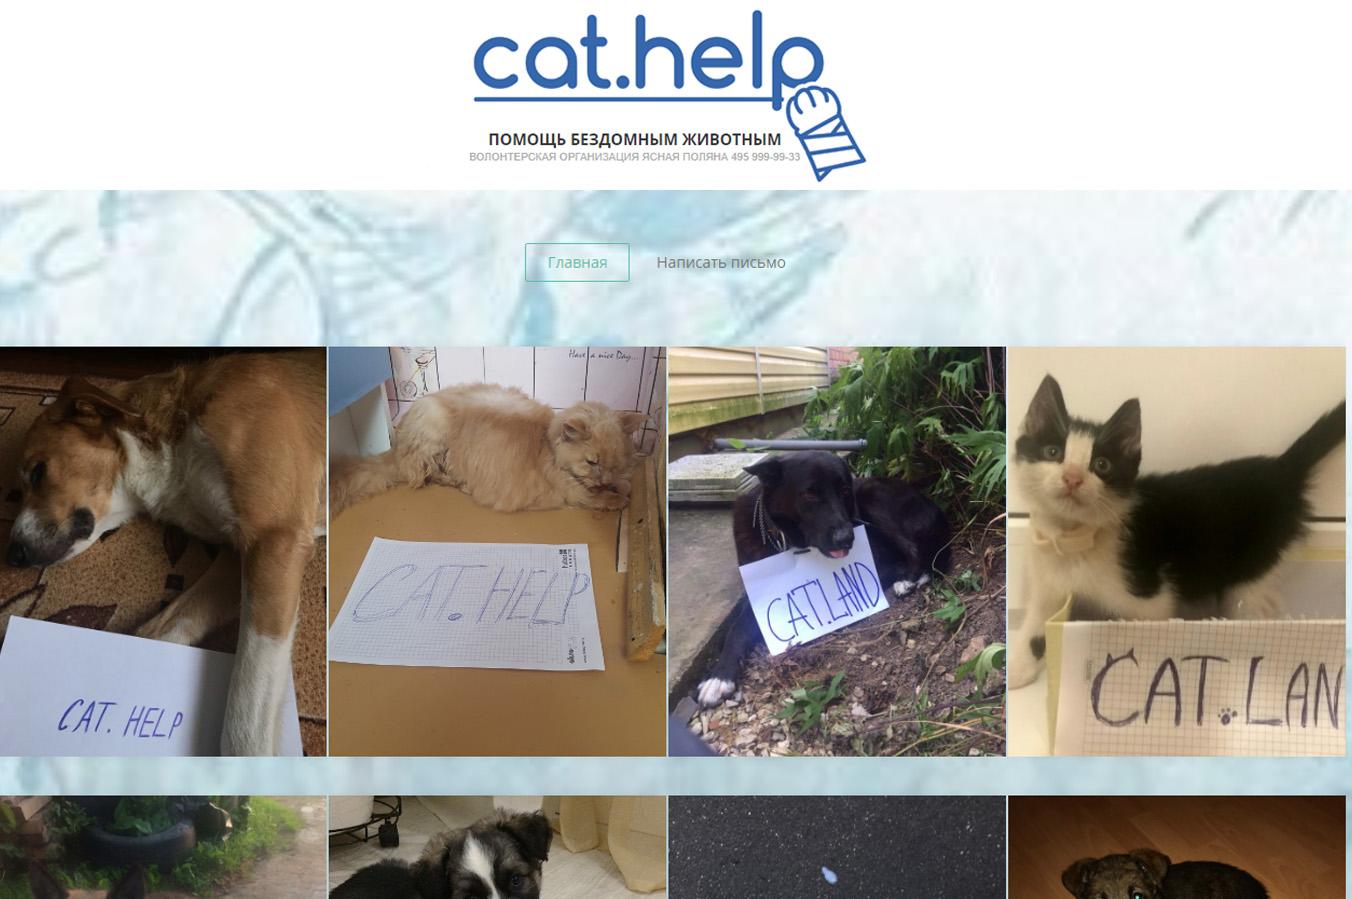 логотип для сайта и группы вк - cat.help фото f_96559db9688af3d4.jpg